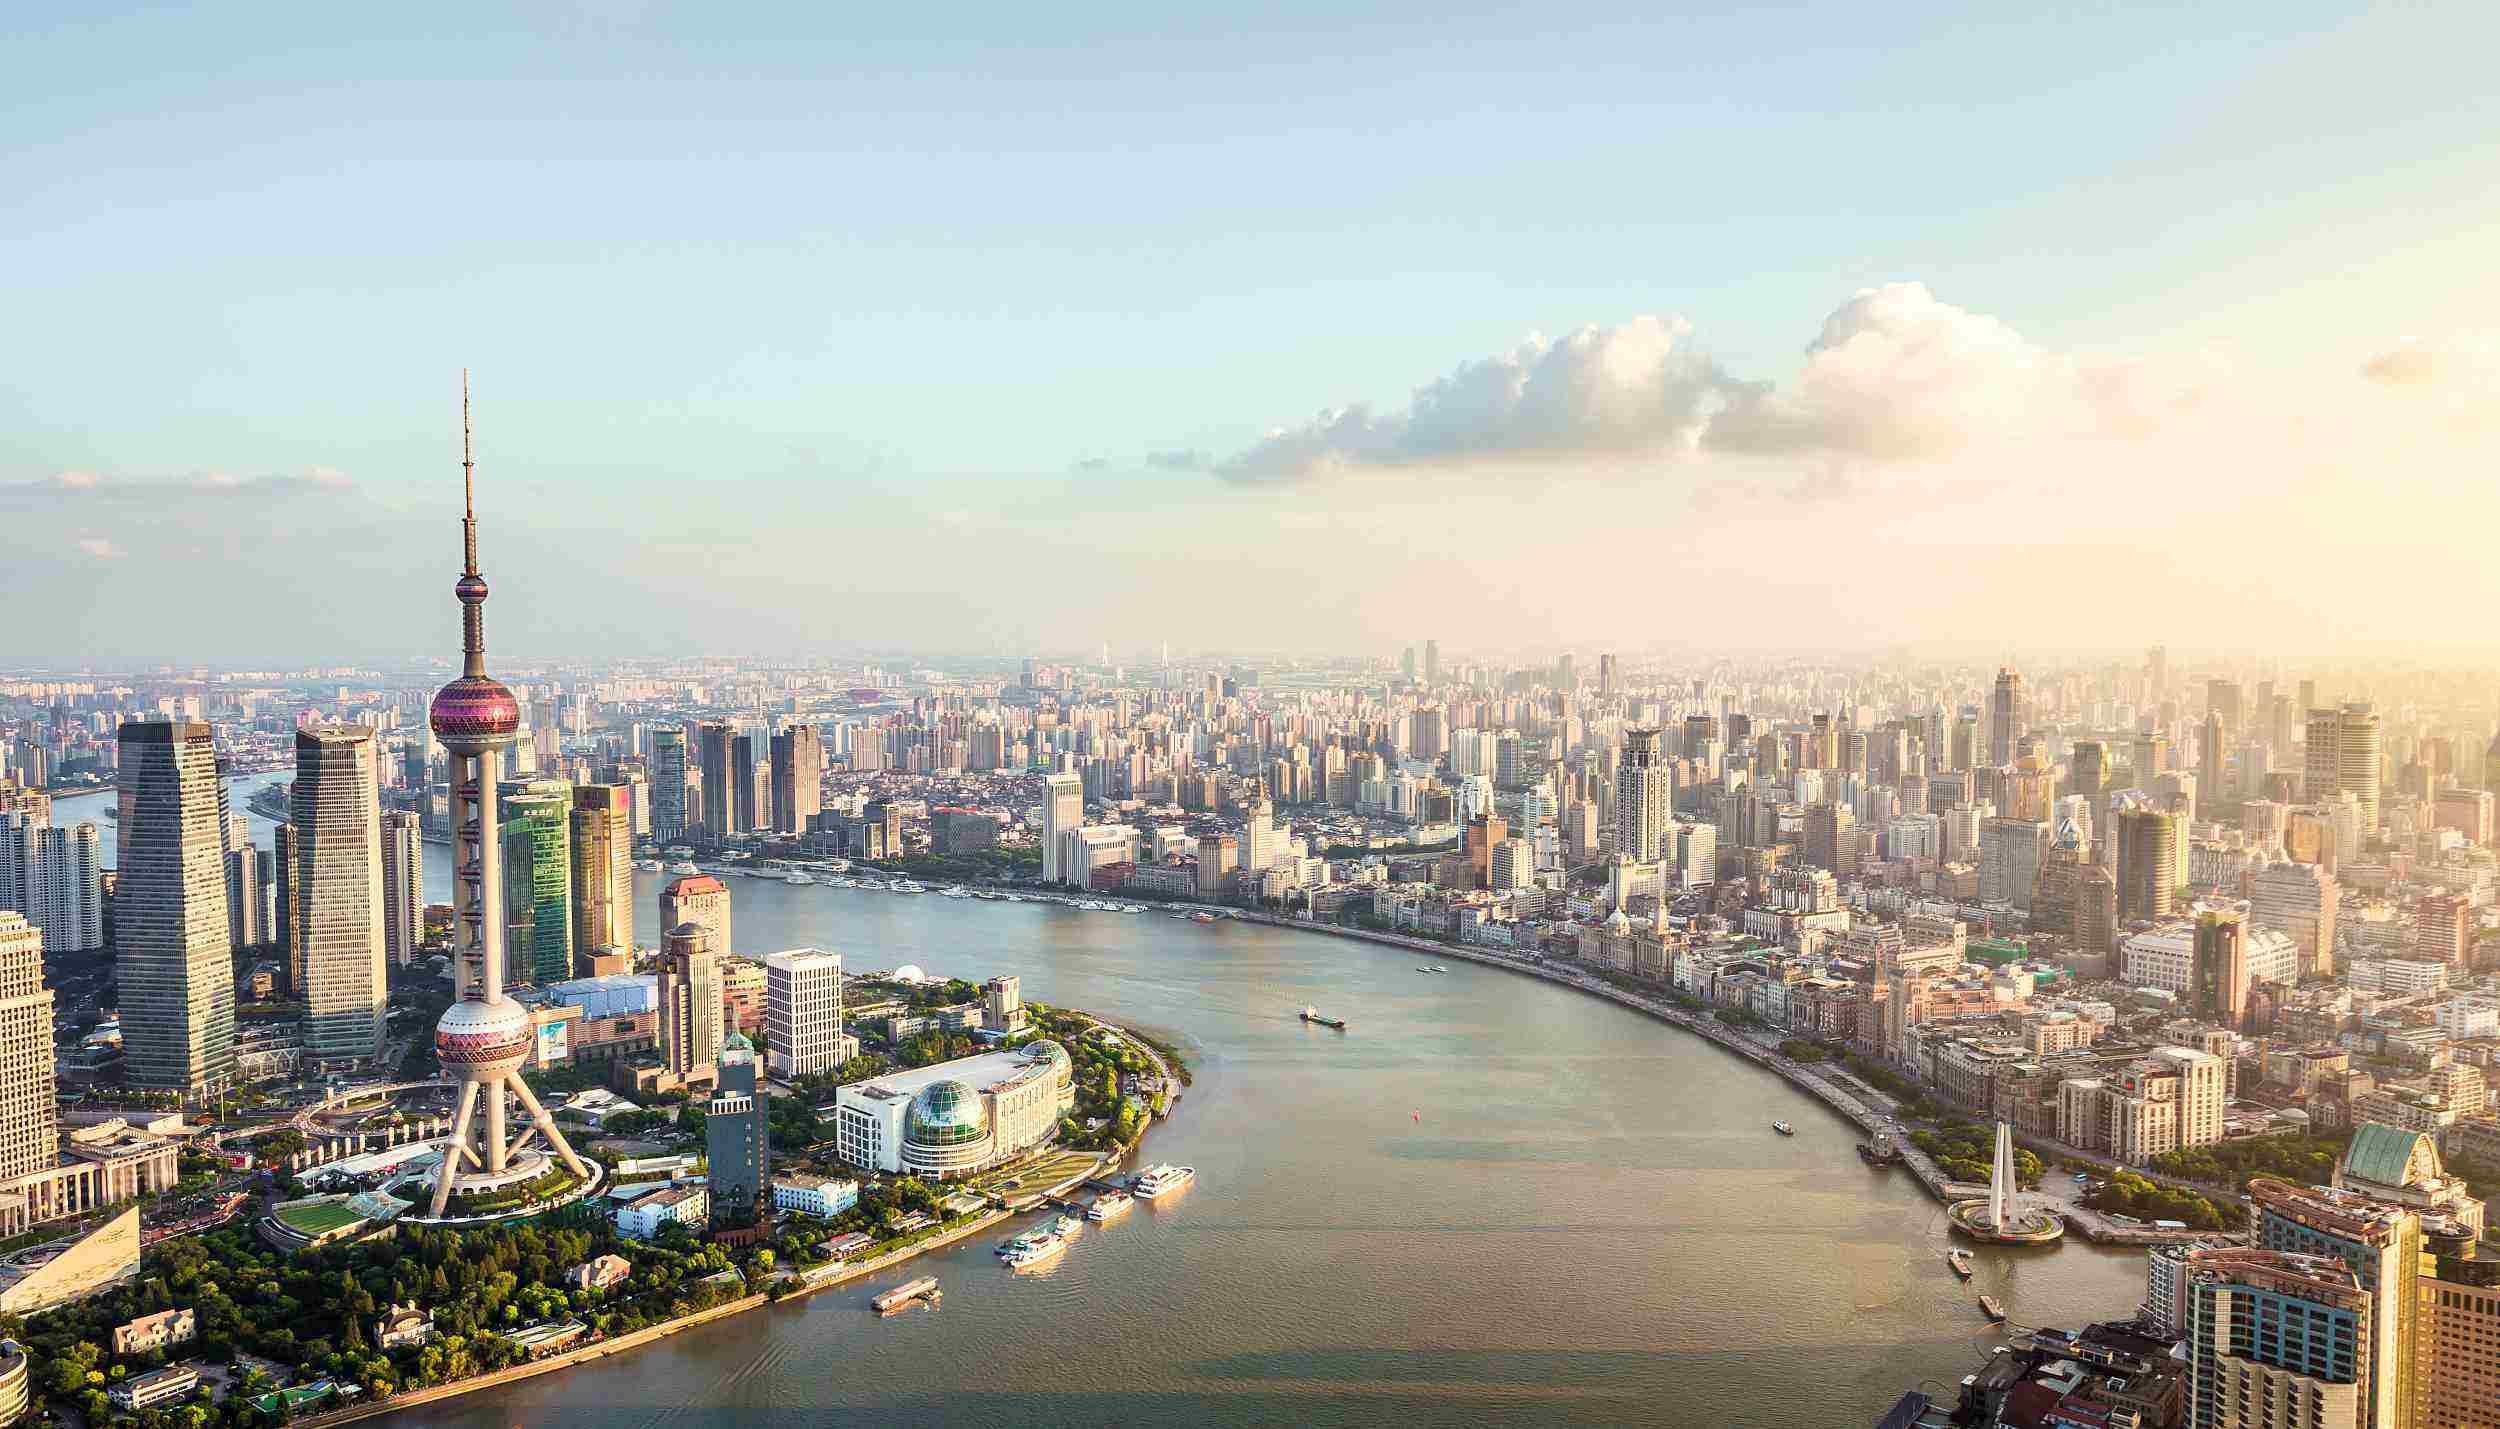 四川全省经济总量过千亿的市州_四川市州电视台台标